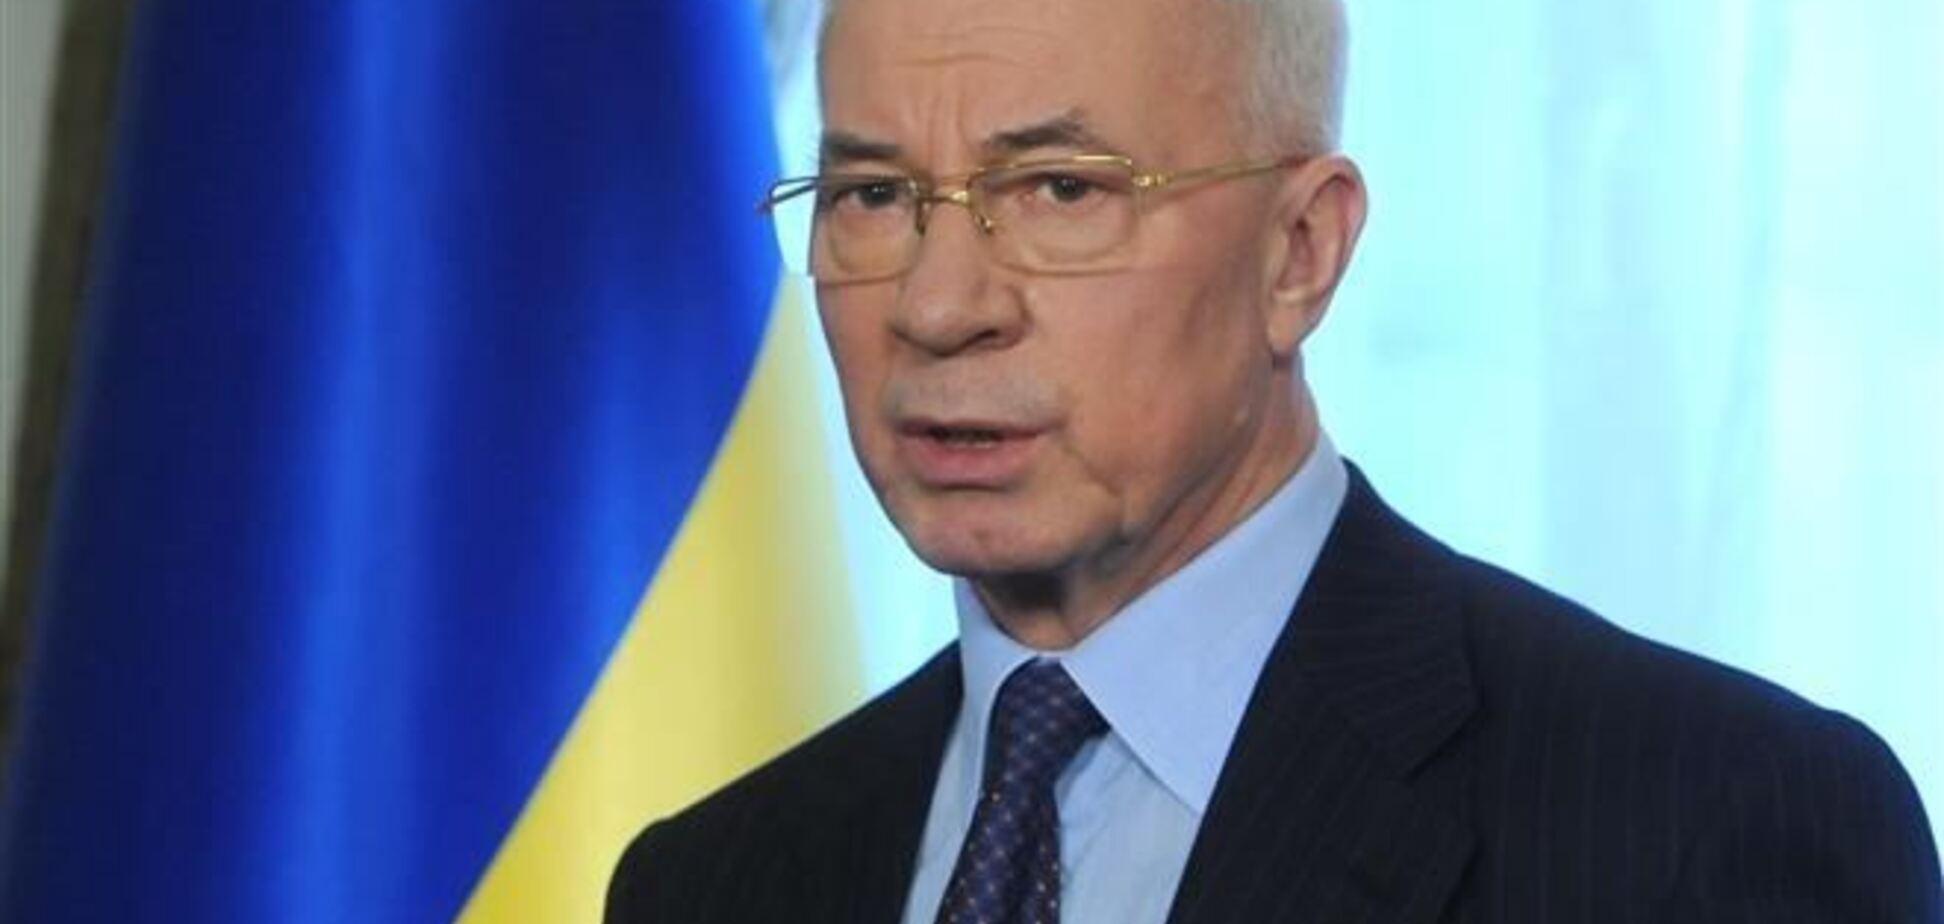 Азаров заявив, що Янукович і Путін про ТЗ в Сочі не говорили